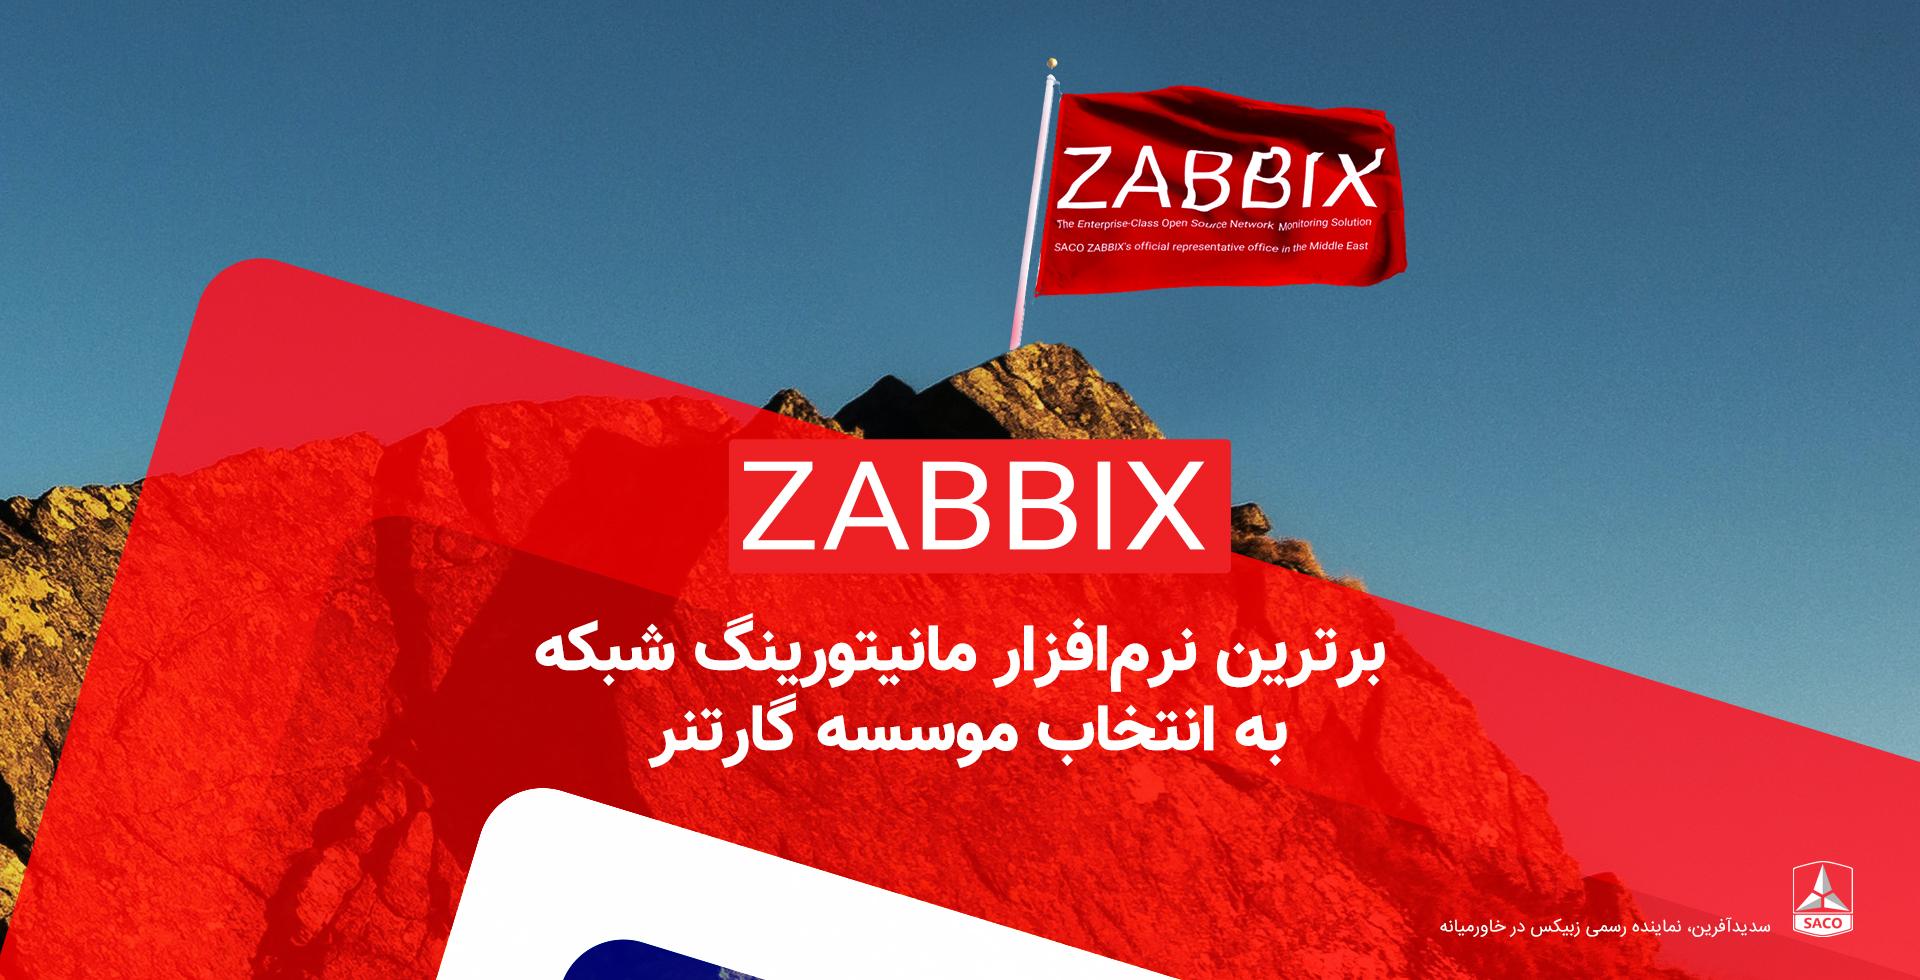 زبیکس، برترین نرمافزار مانیتورینگ شبکه به انتخاب موسسه Gartner